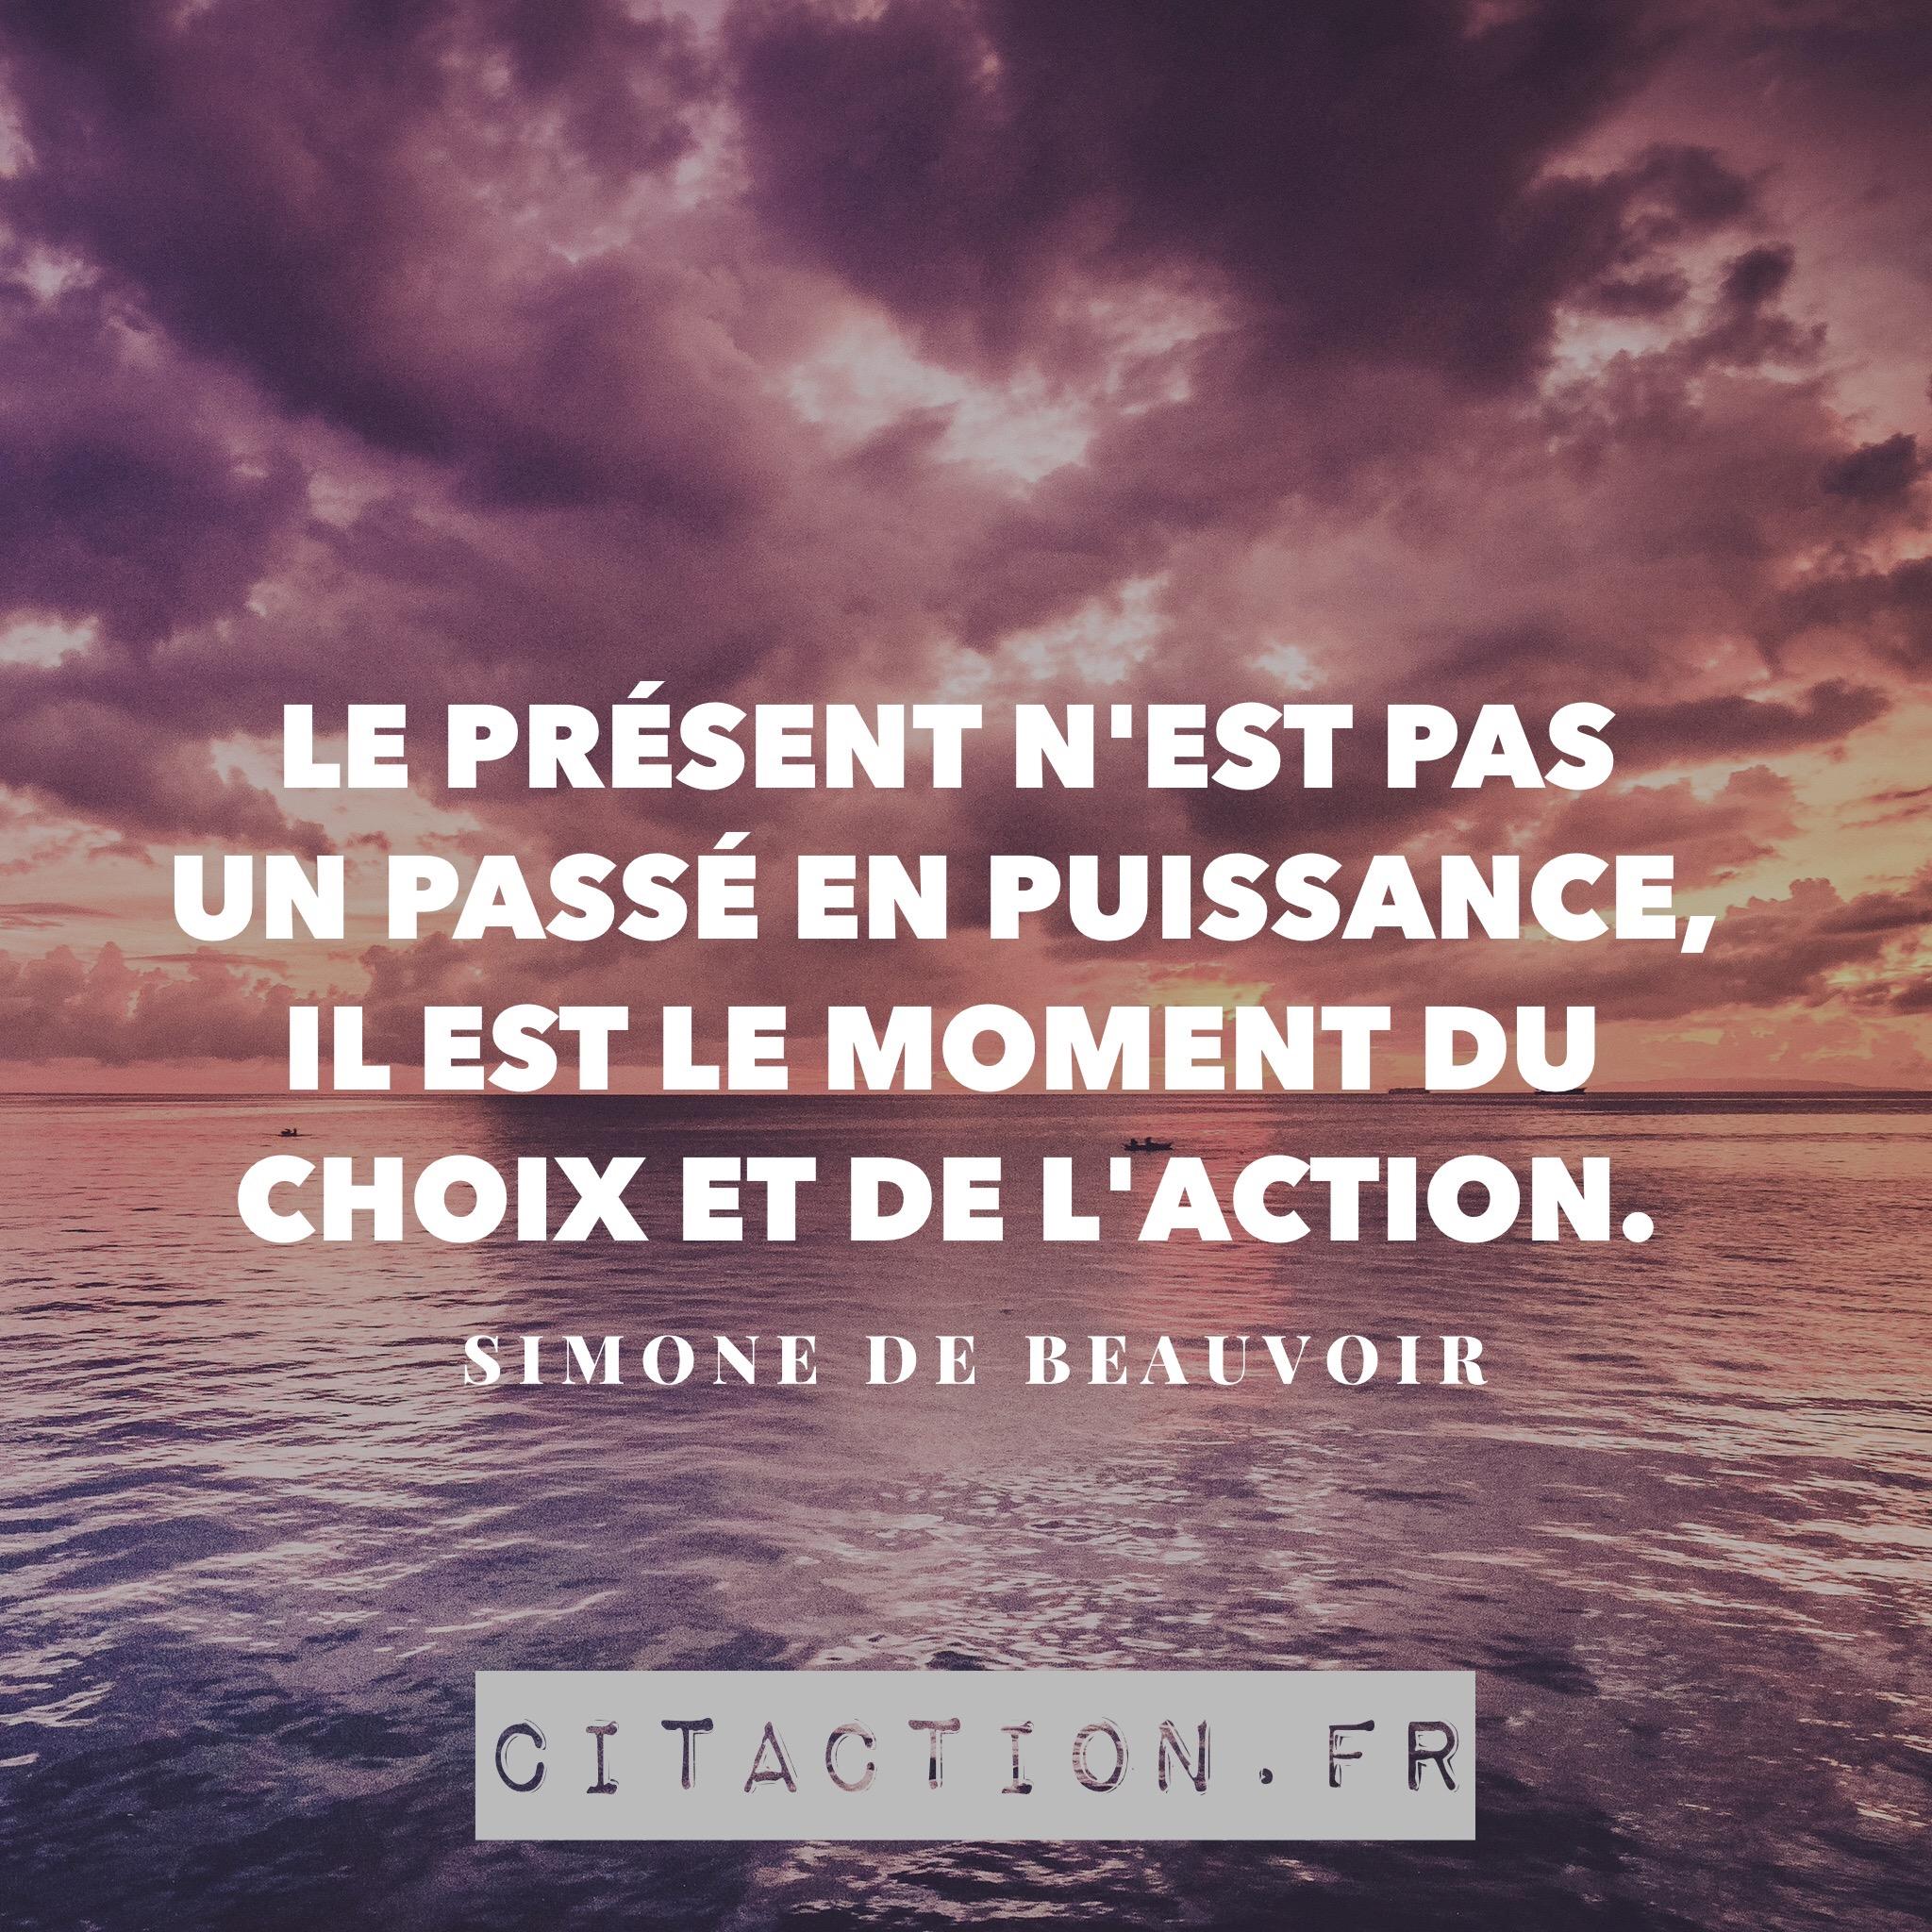 Le présent n'est pas un passé en puissance, il est le moment du choix et de l'action.